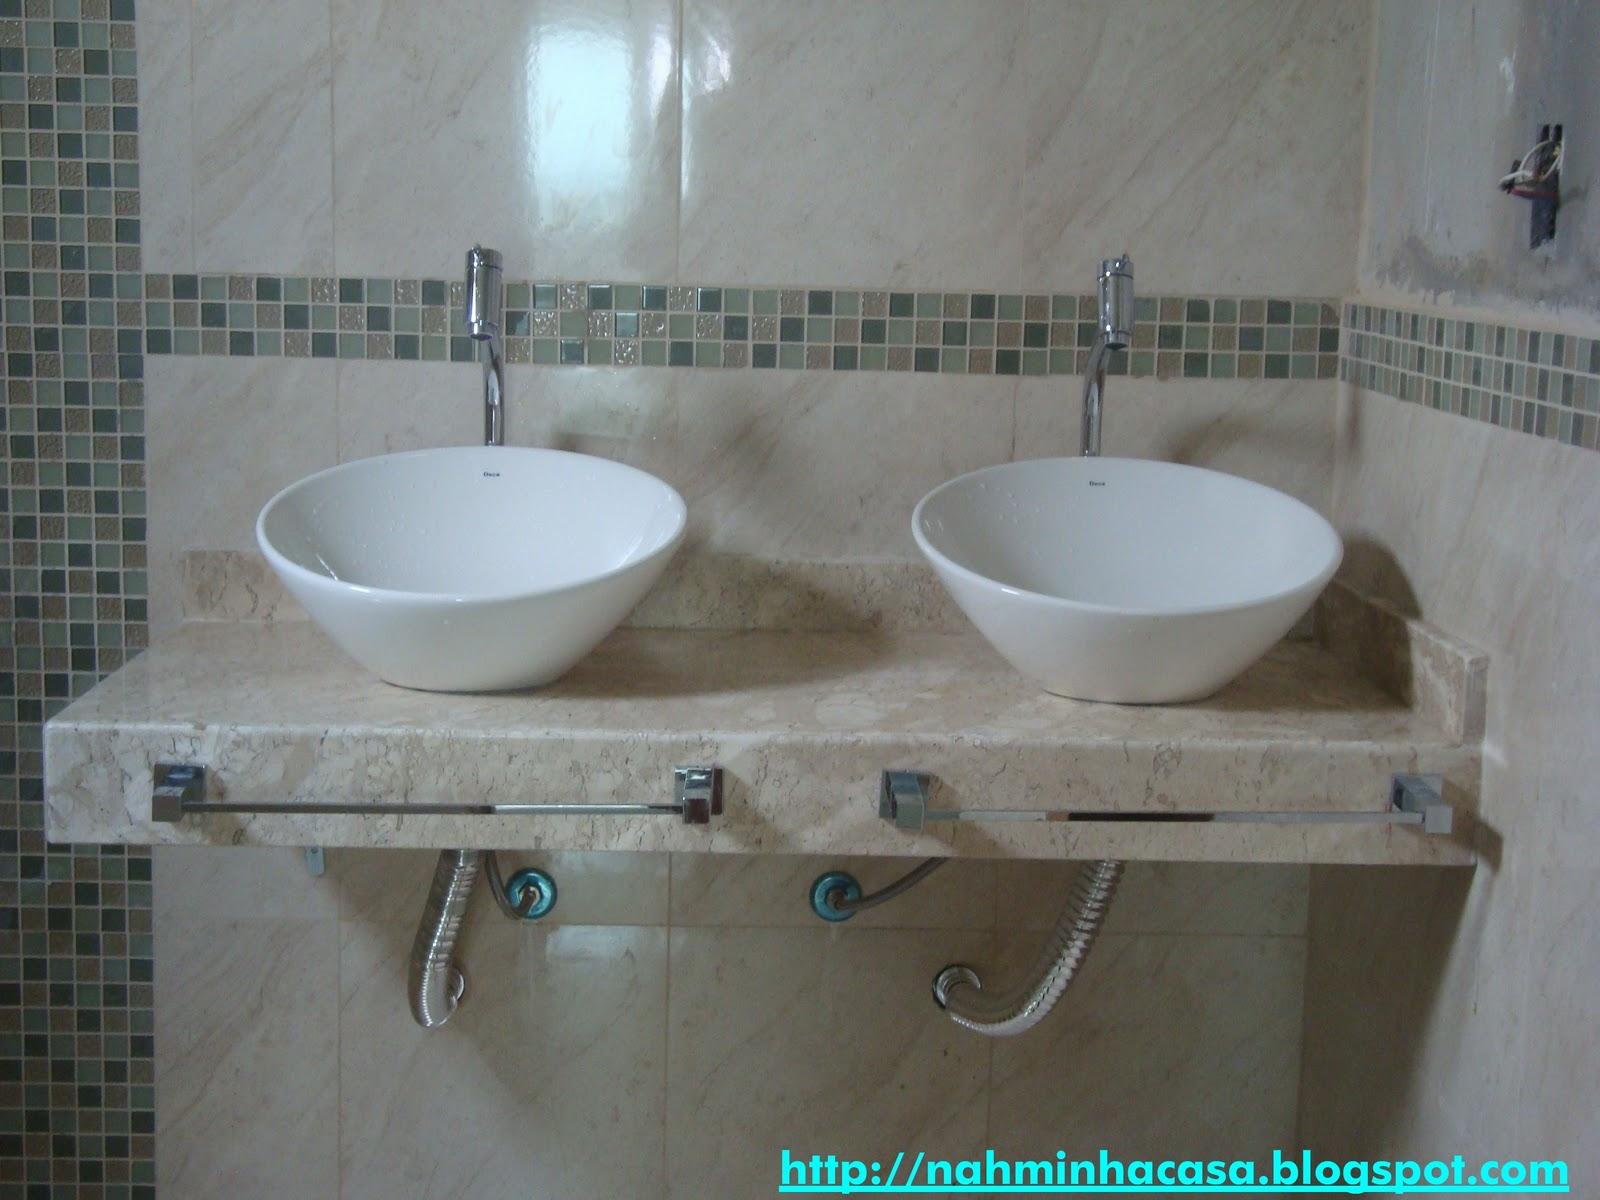 Gabinete Para Banheiro: Bancadas de banheiros em granito #19B2B1 1600x1200 Bancada De Banheiro Em Granito